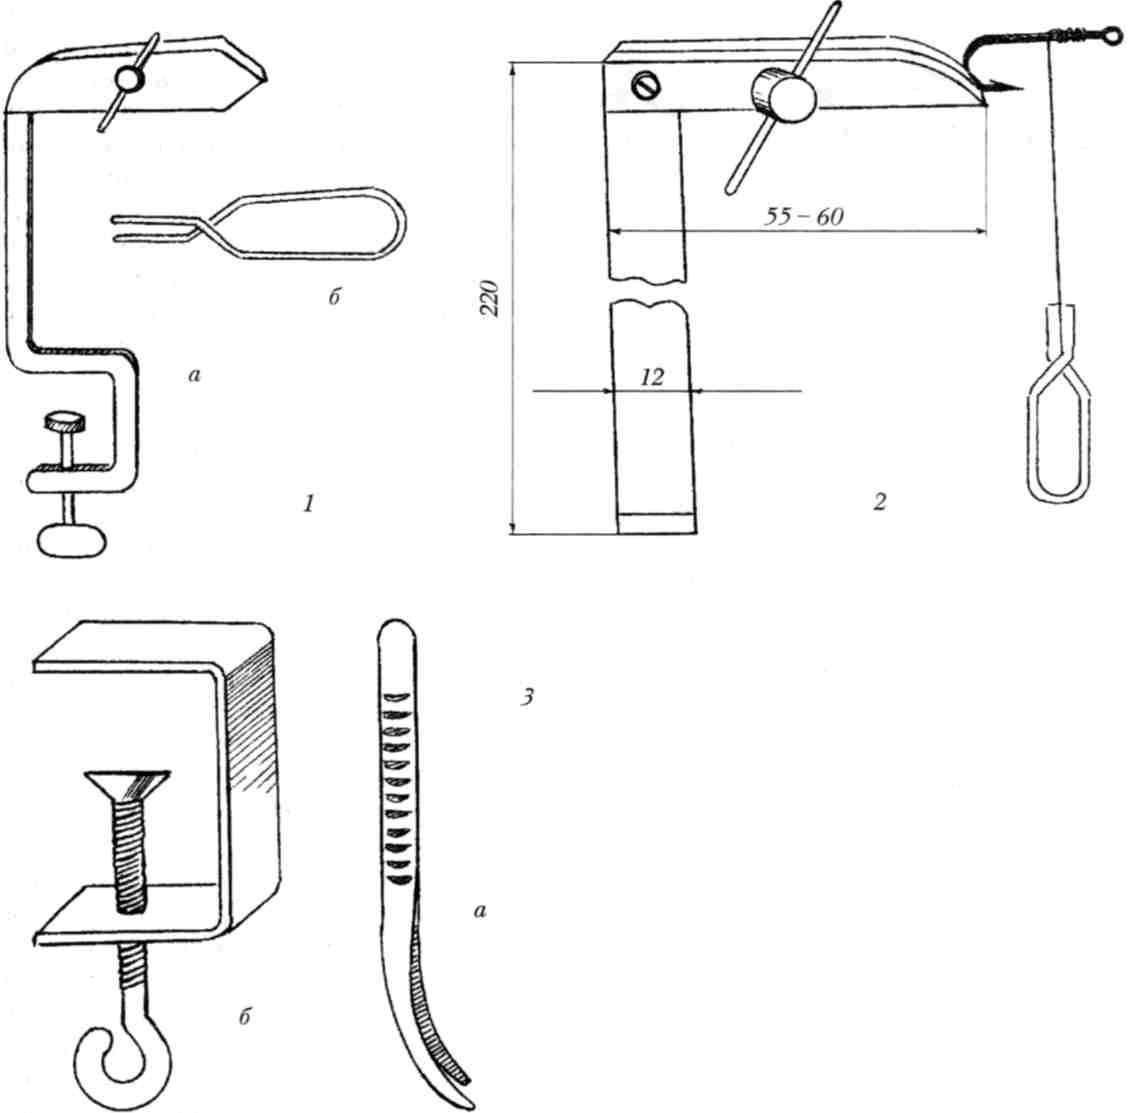 Крючковязы (27 фото): как пользоваться крючковязом? пошаговая инструкция. делаем рыболовный крючковяз своими руками для рыбалки